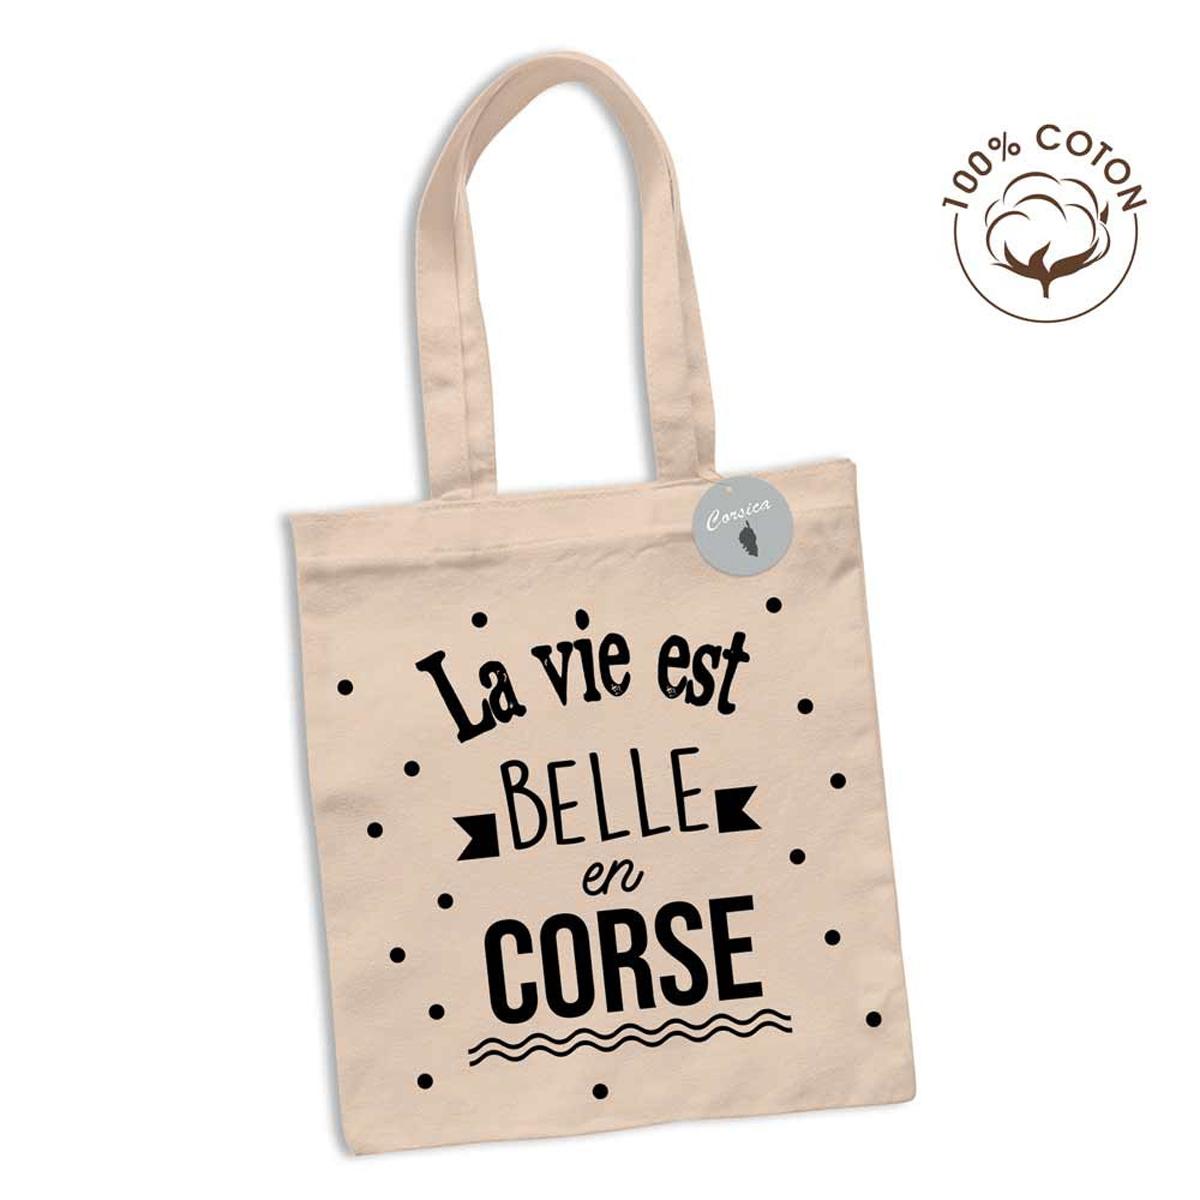 Sac coton / tote bag \'Corsica\' noir beige (La vie est belle en Corse) - 63x365 cm - [R2628]